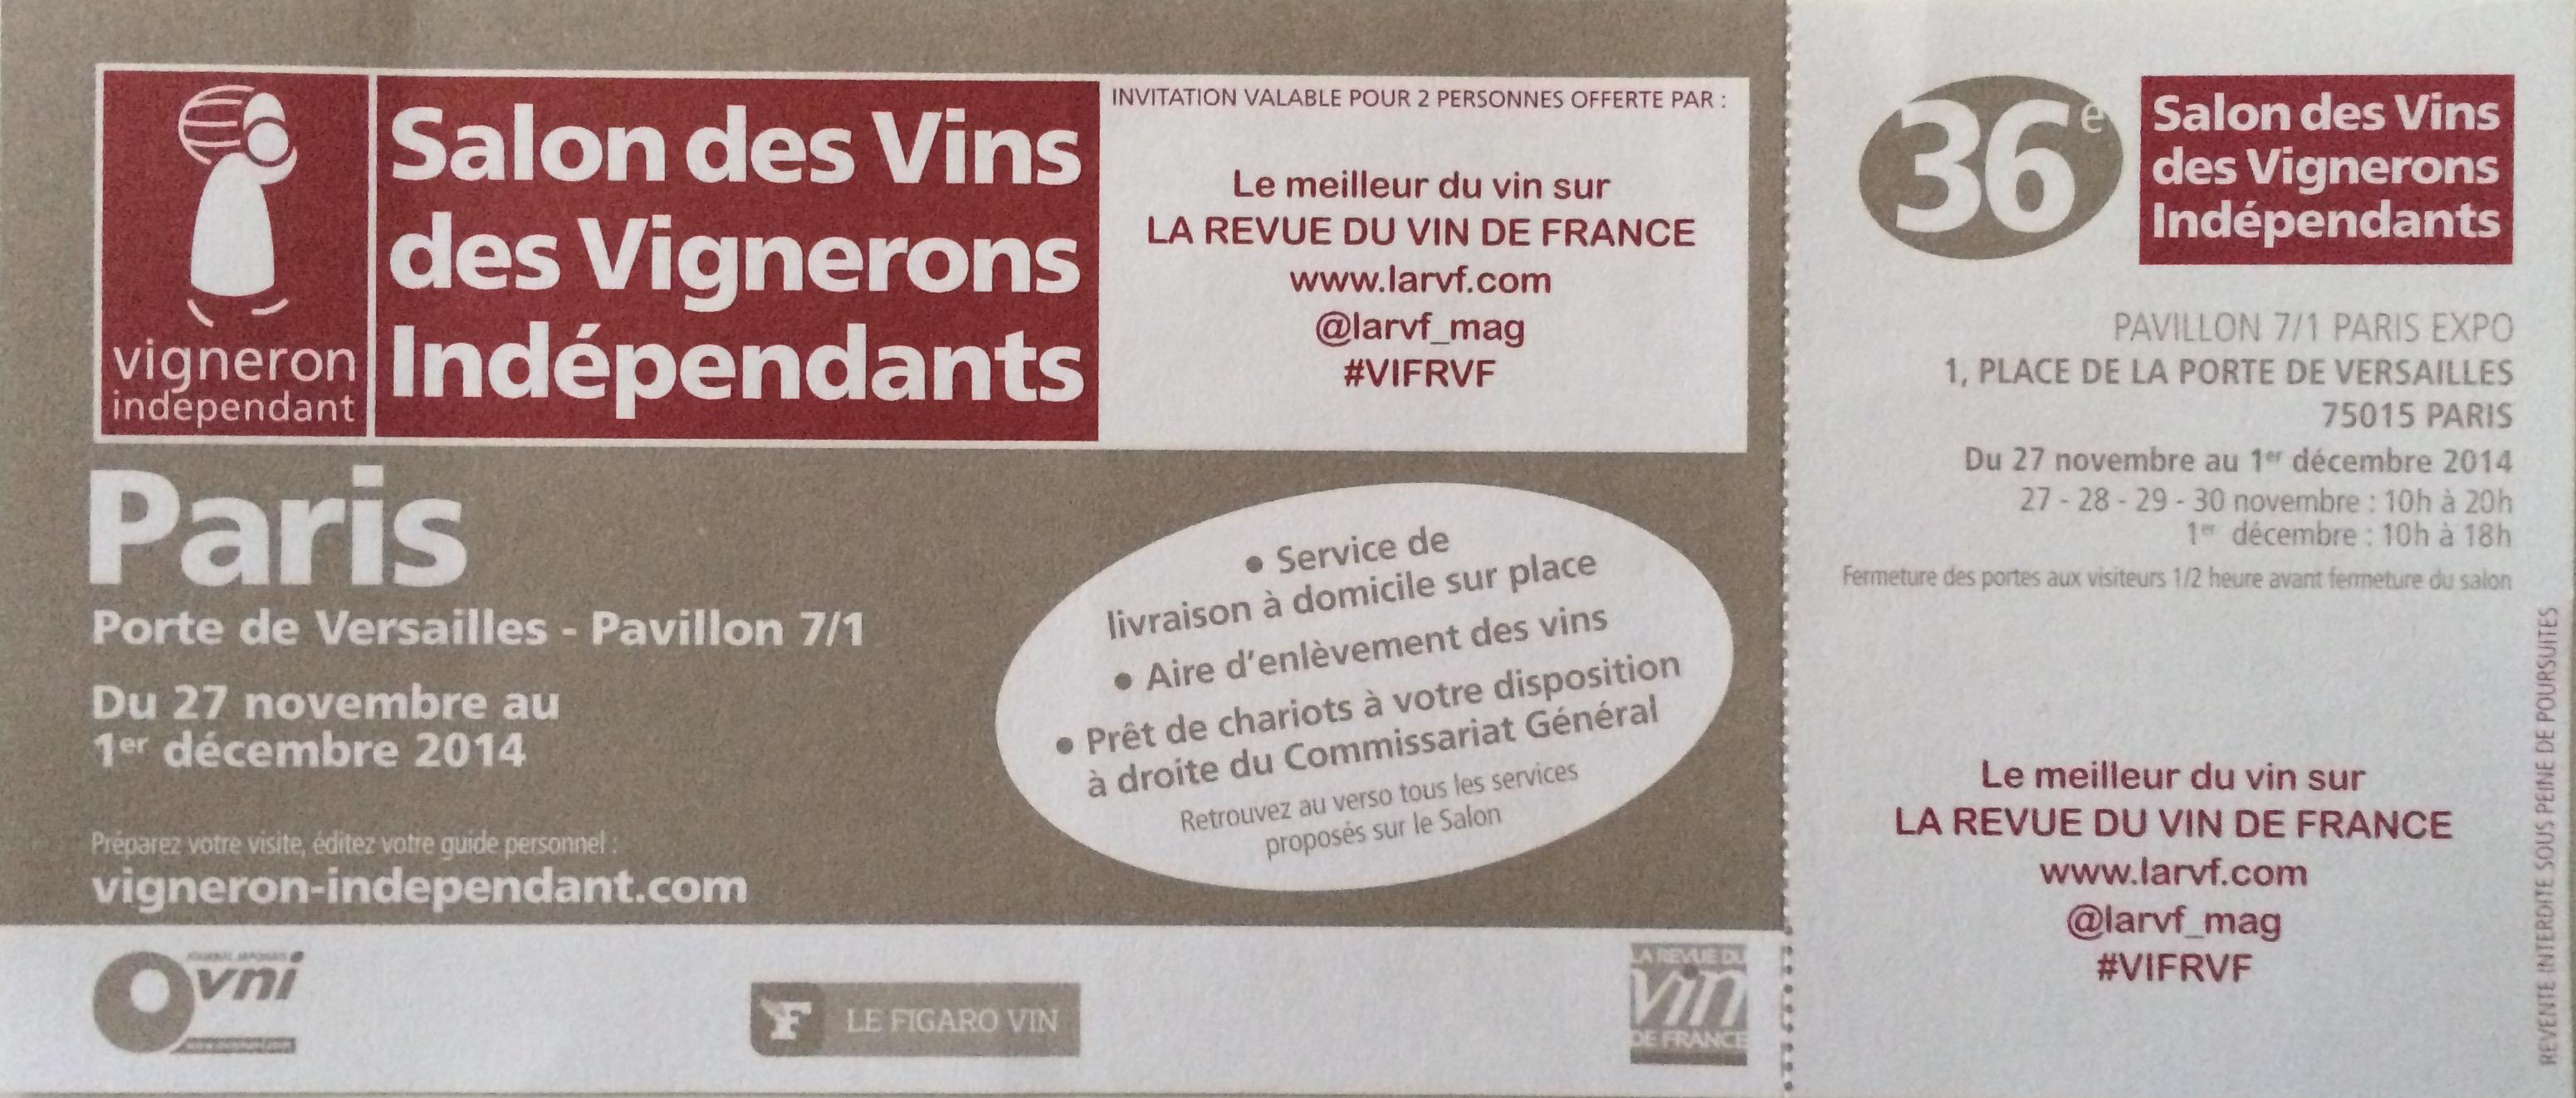 Salon des vignerons indépendants à Paris Porte de Versailles